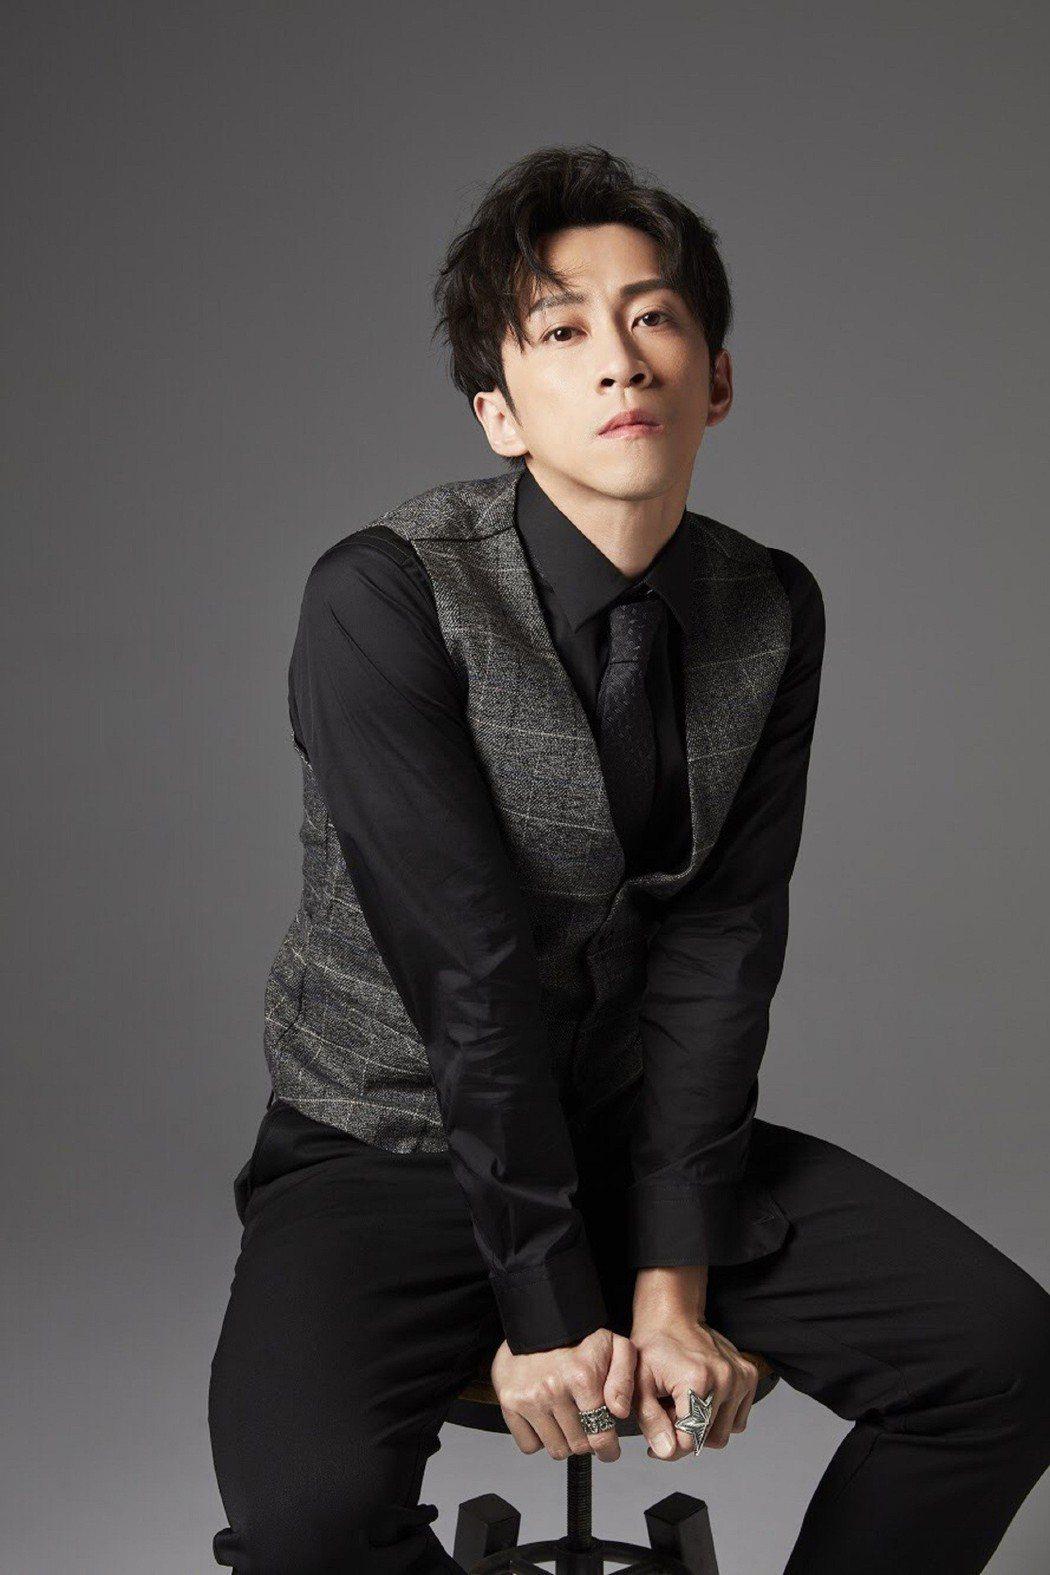 陳漢典11月7日將發行單曲。圖/有聲娛樂提供